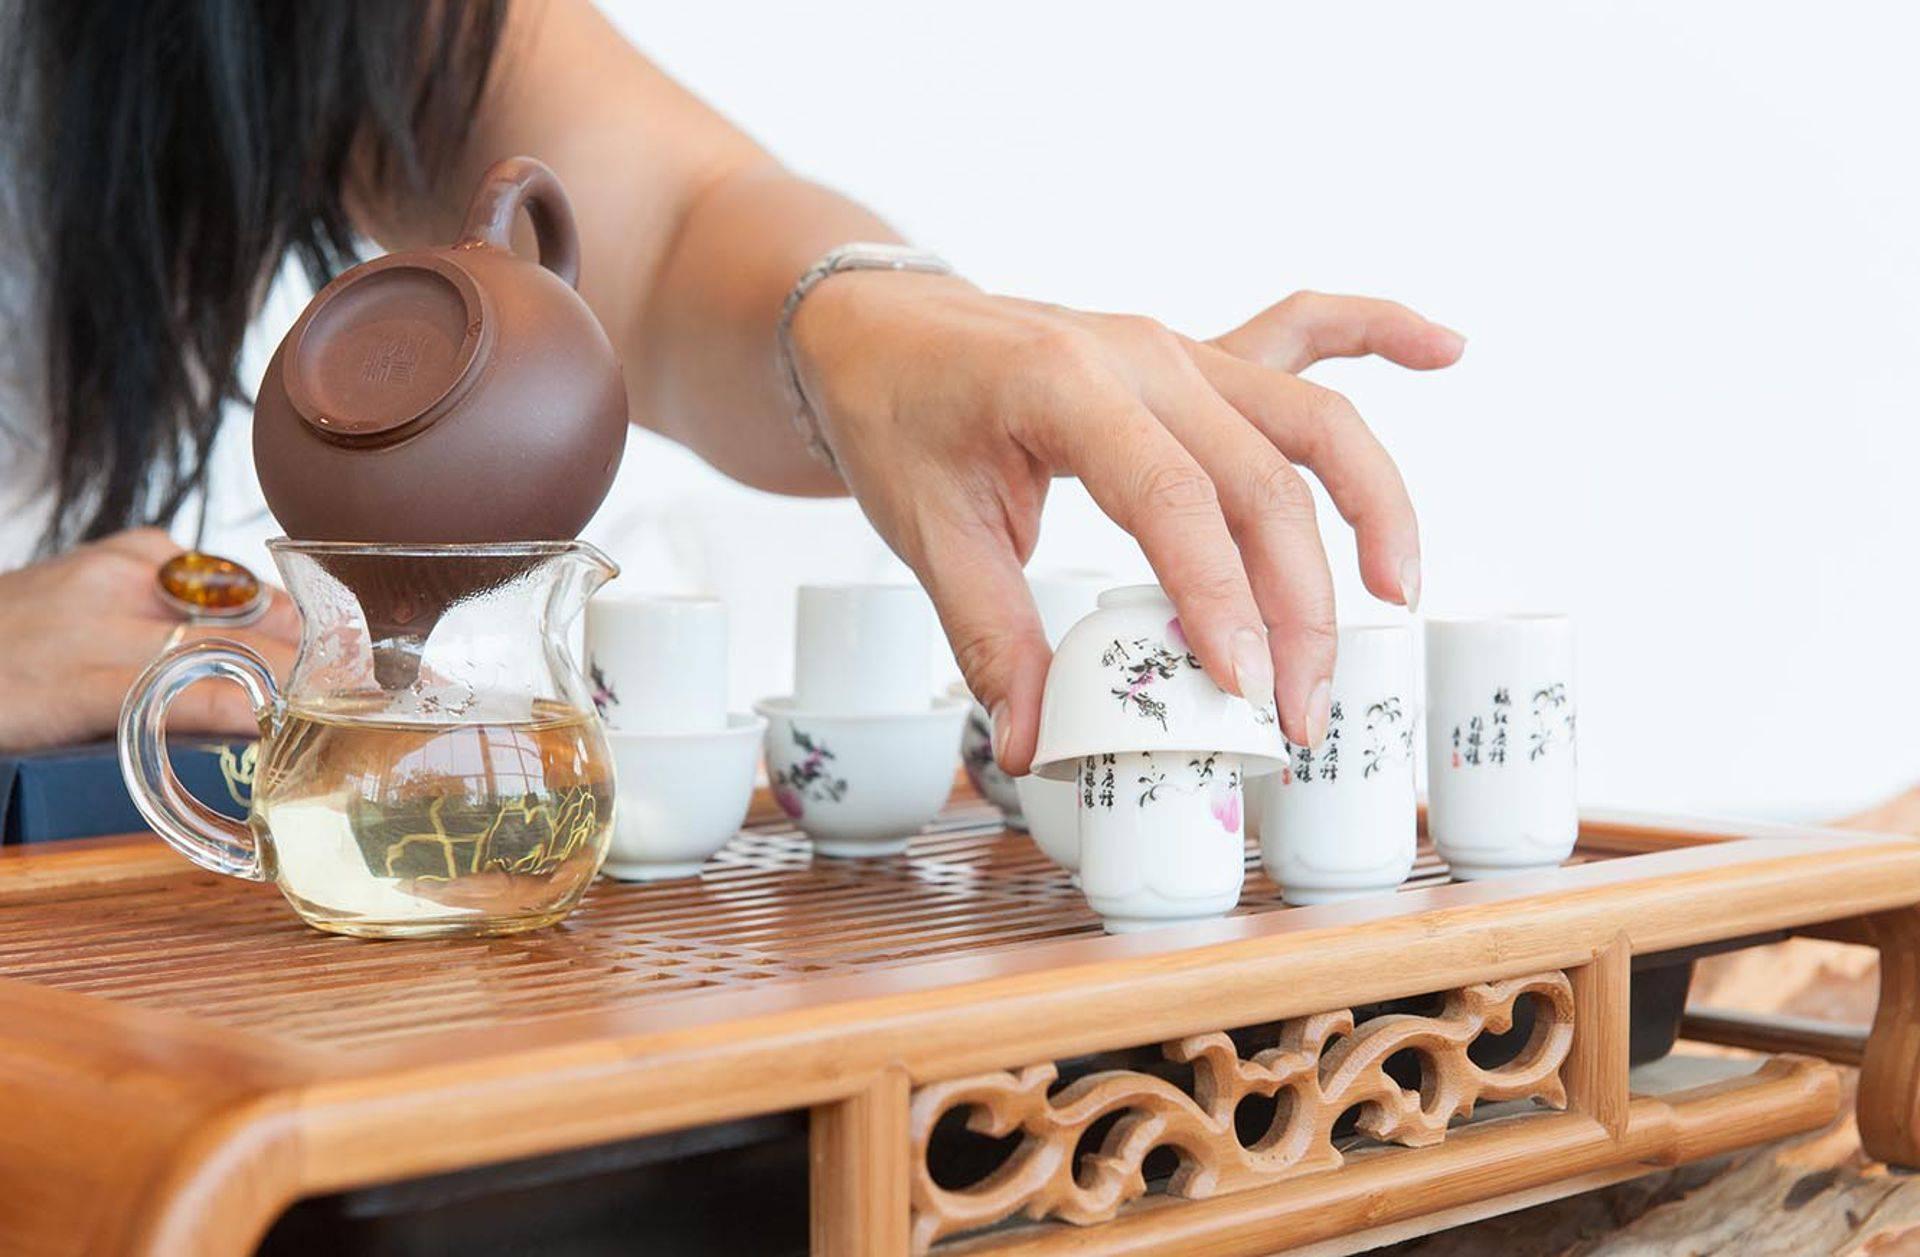 Чайная церемония в китае, этапы китайских чайных церемоний